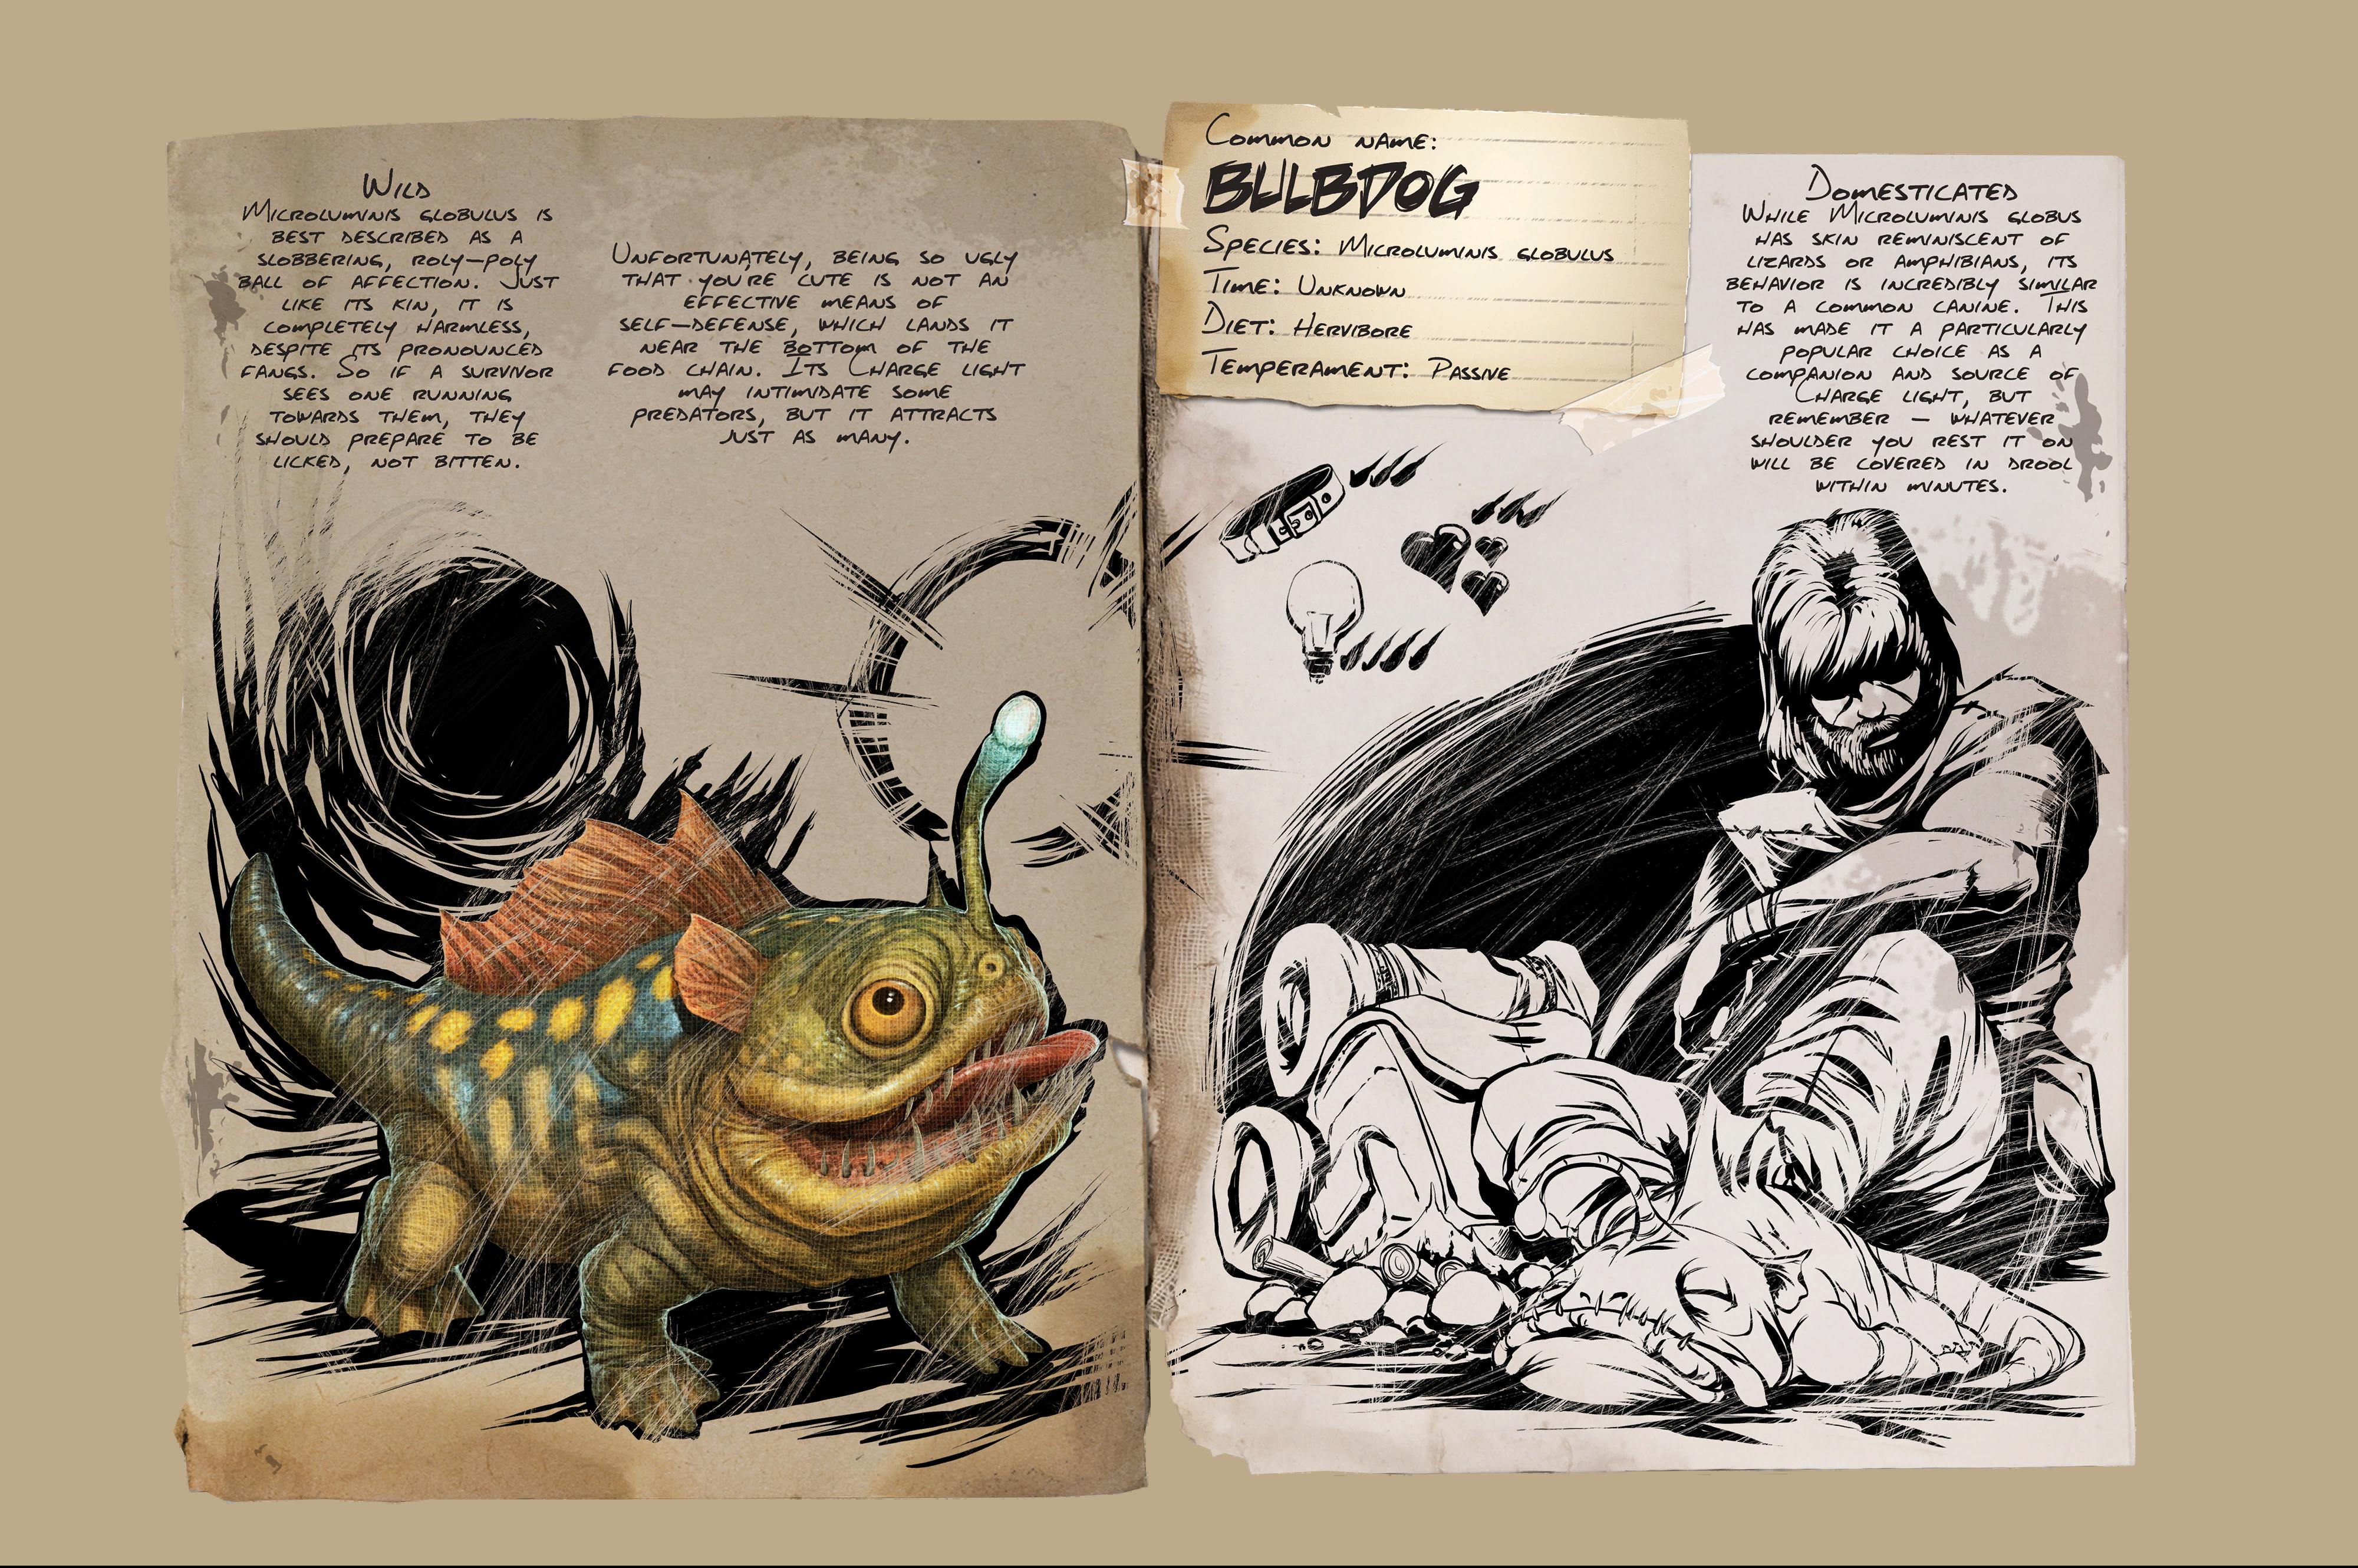 Dino Dossier: Bulbdog